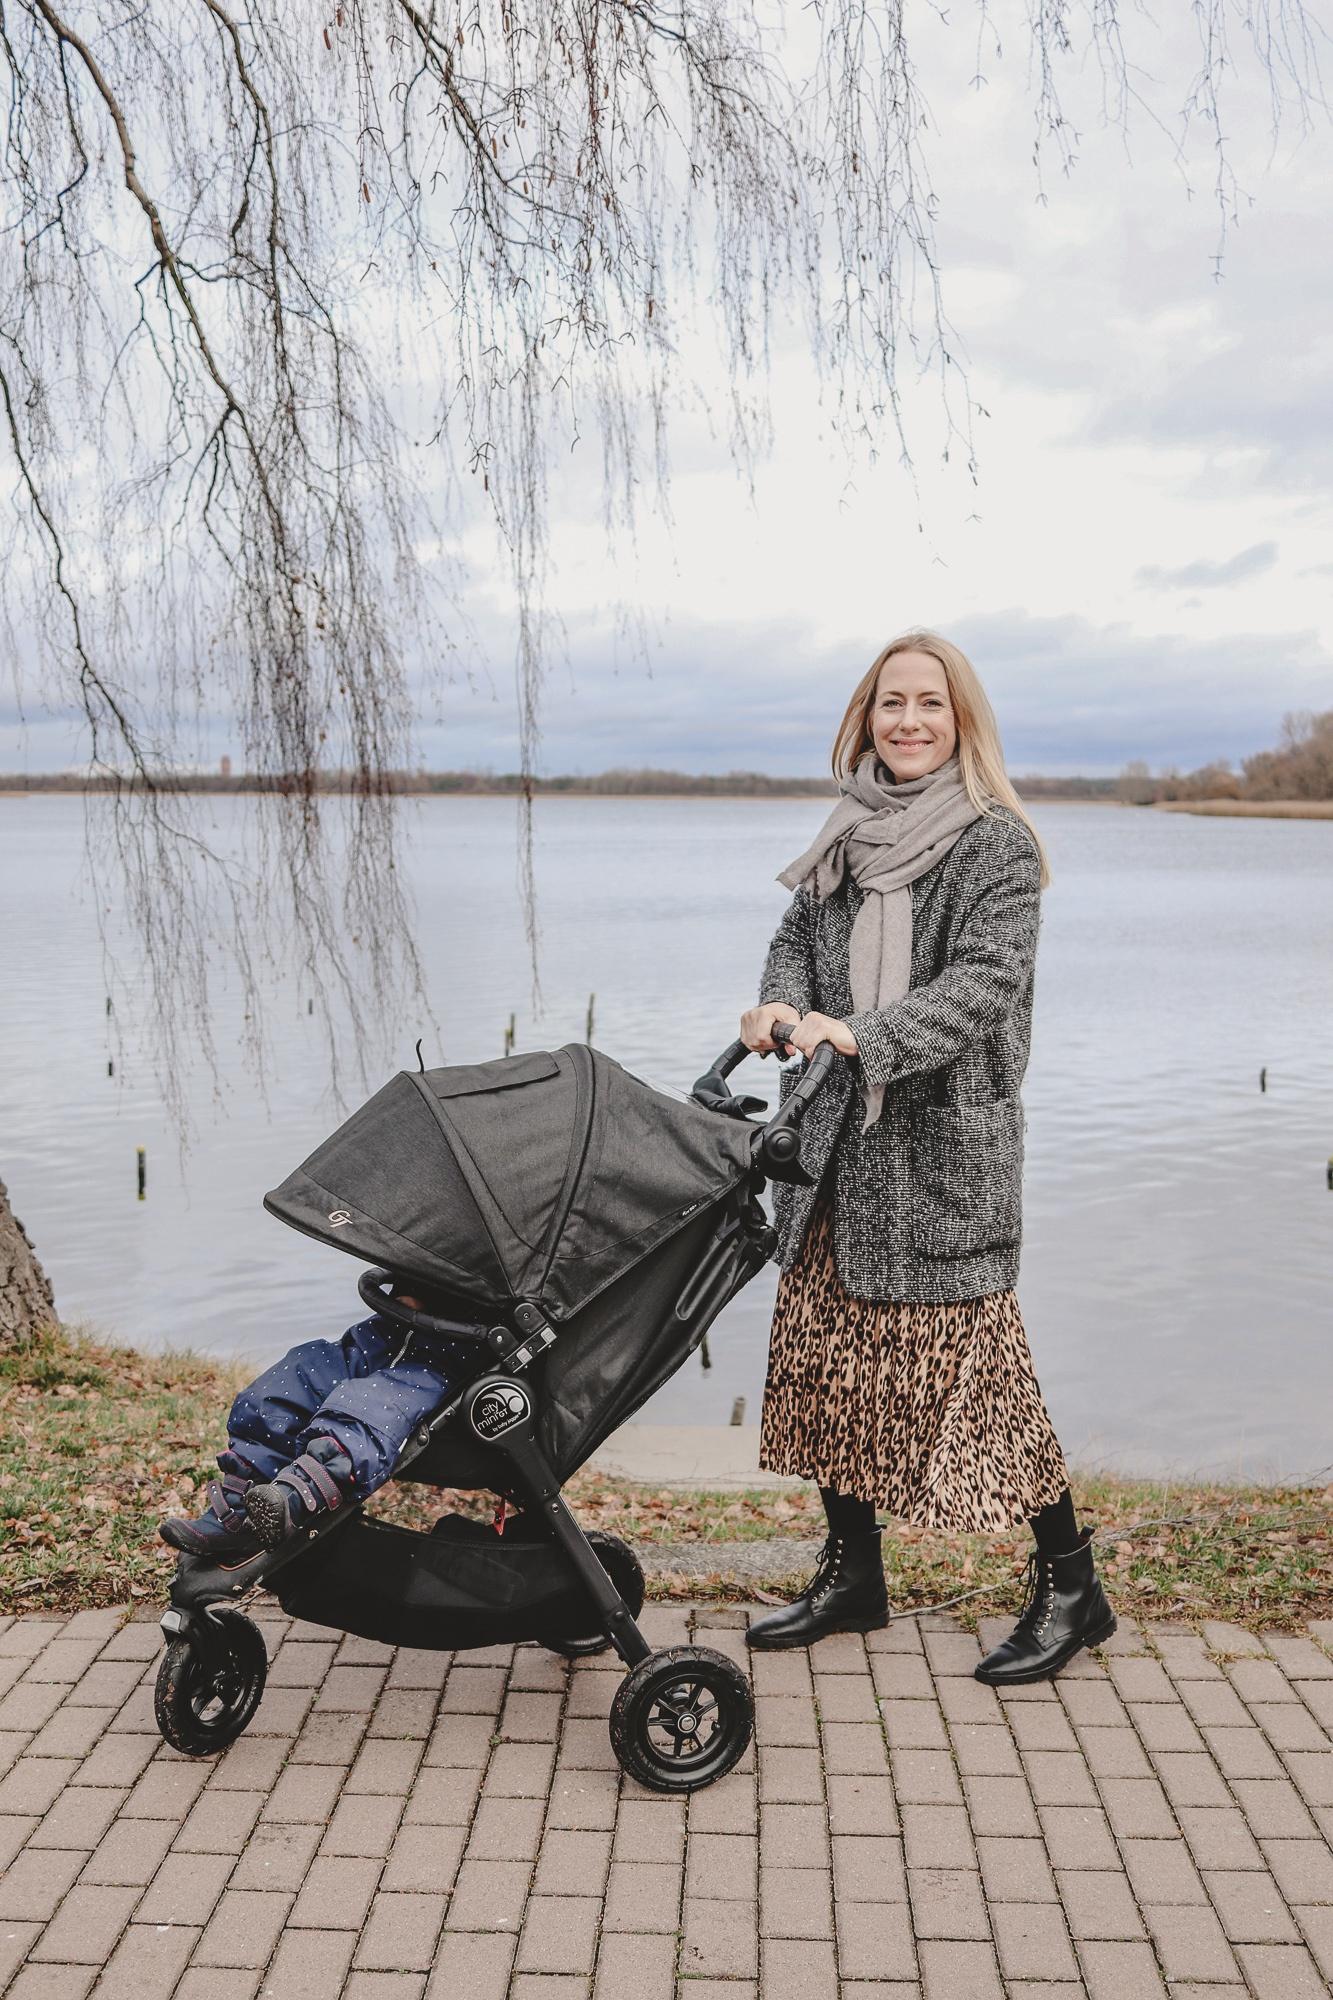 #BabyJoggerSquad: So war mein Jahr mit Baby Jogger |Anzeige